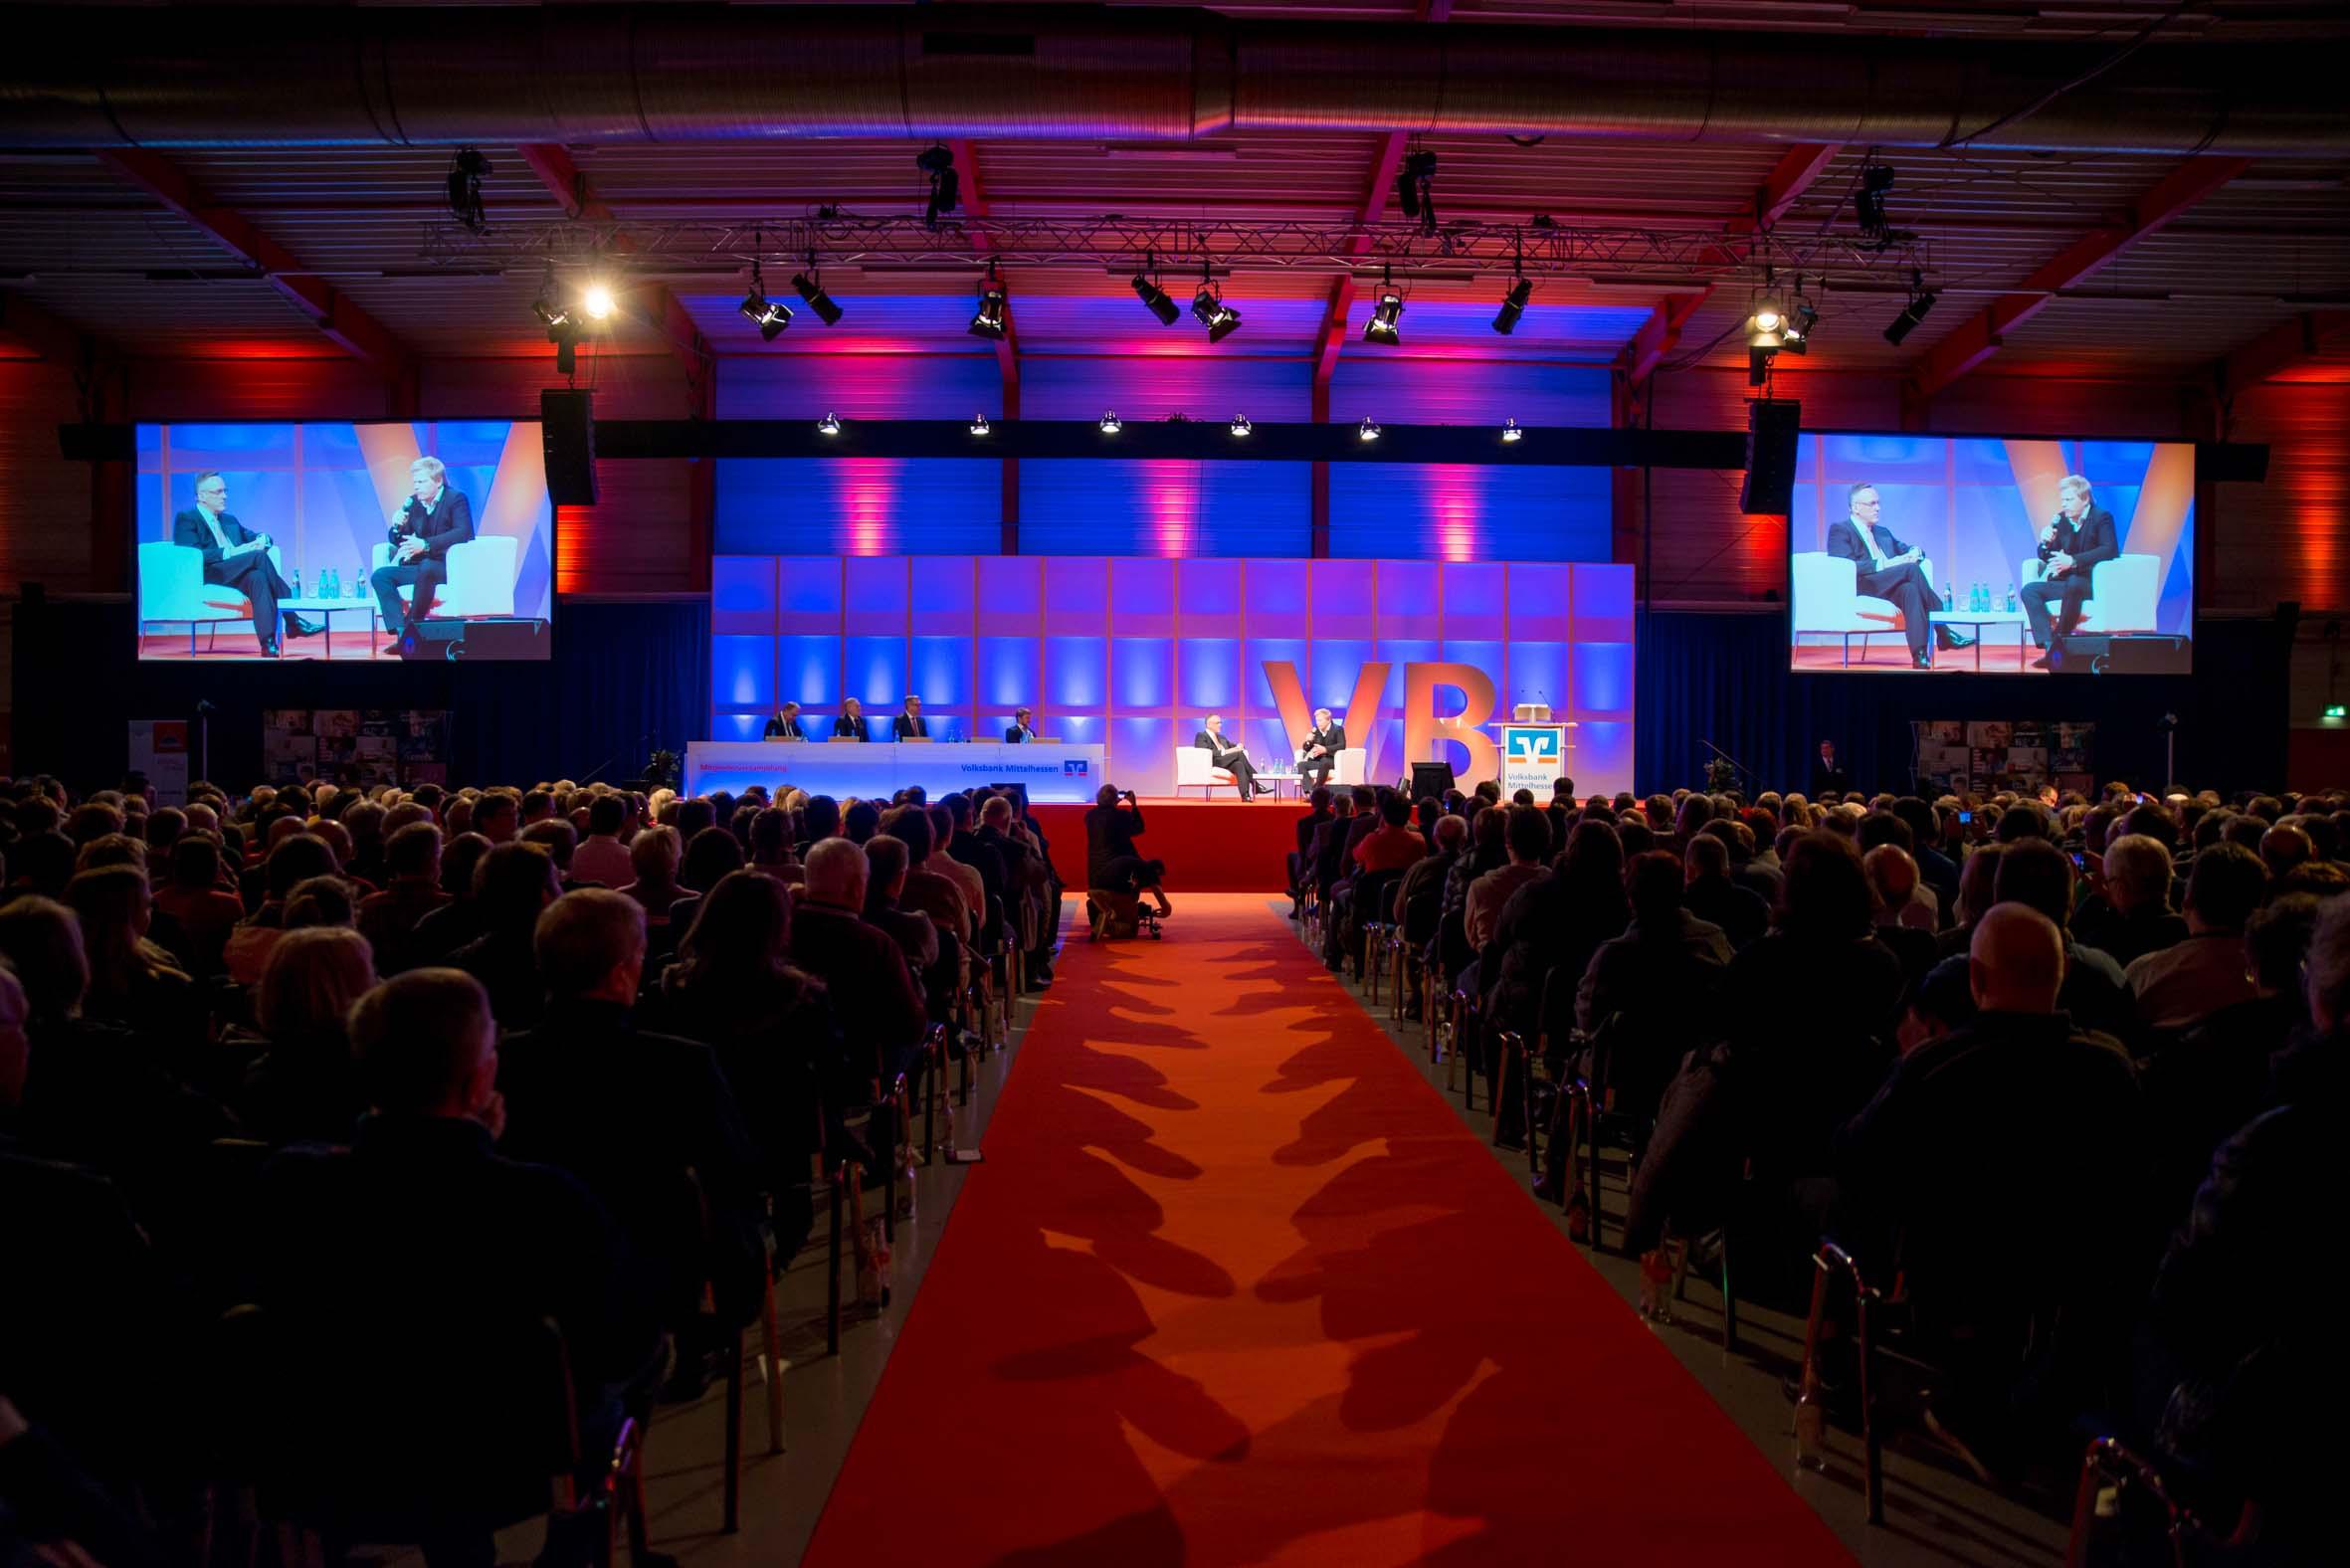 Bildergalerie Mitgliederversammlung 2015 in Gießen, Bild 61